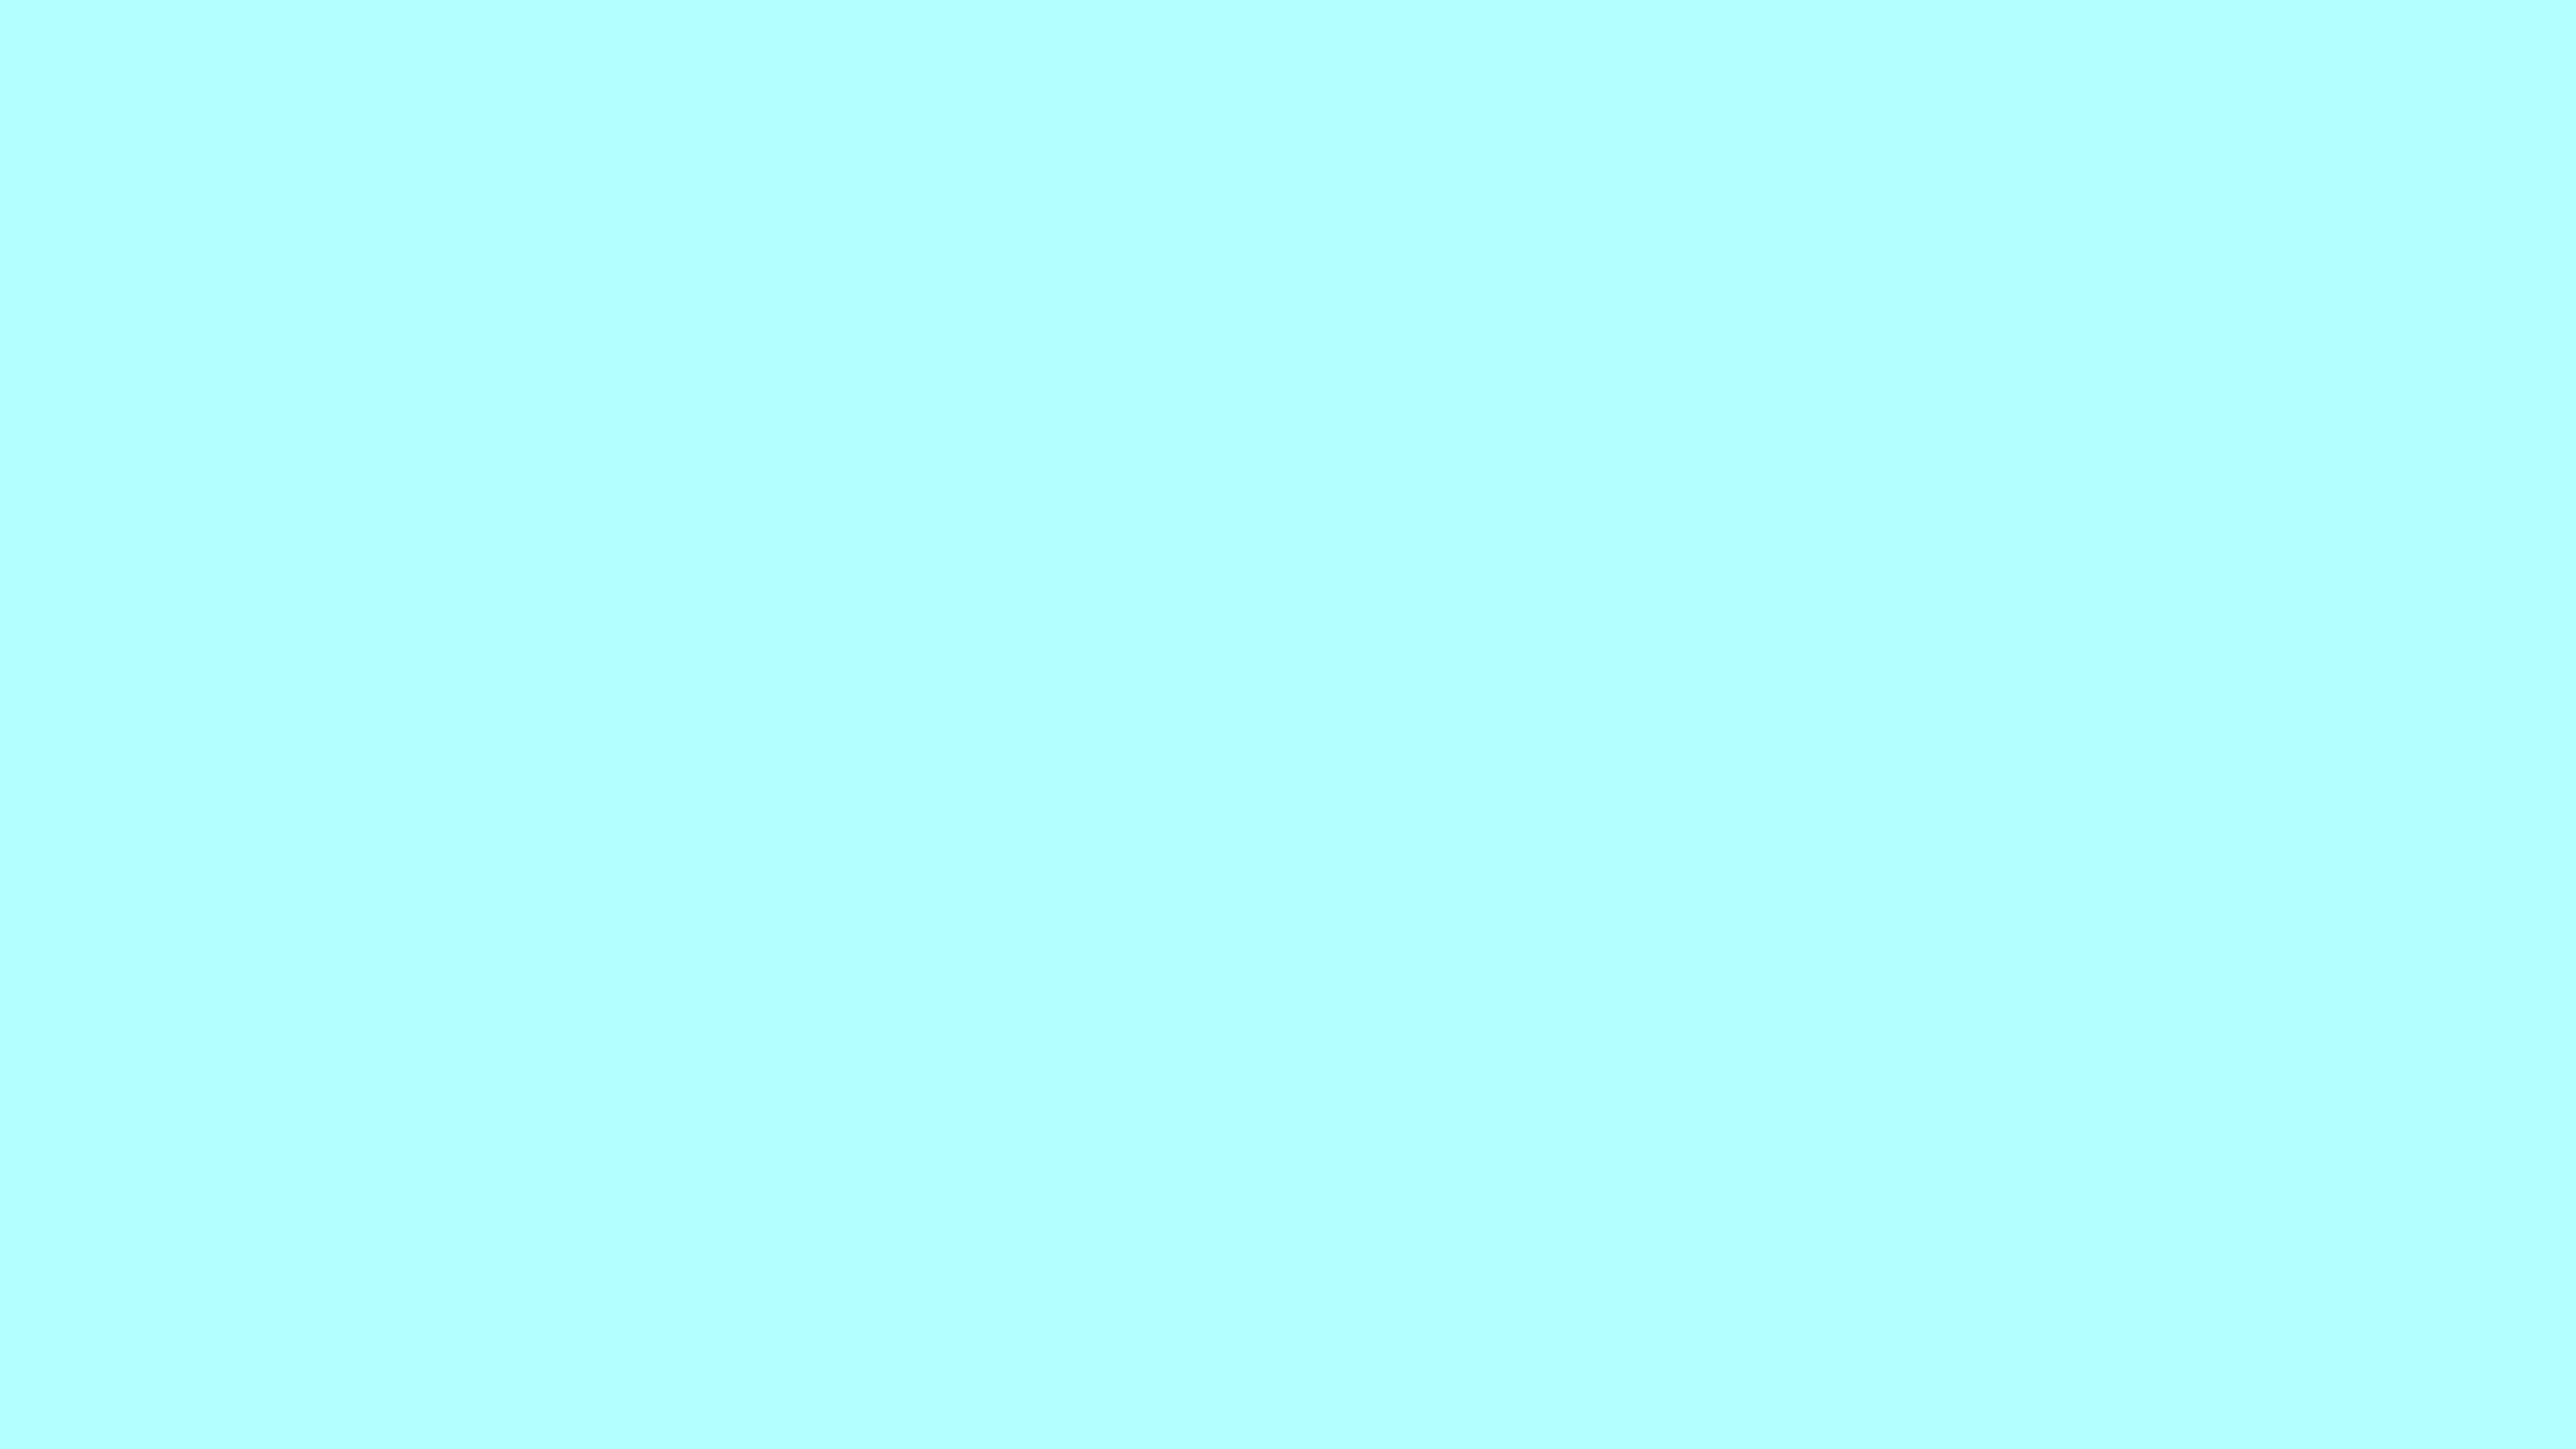 4096x2304 Celeste Solid Color Background